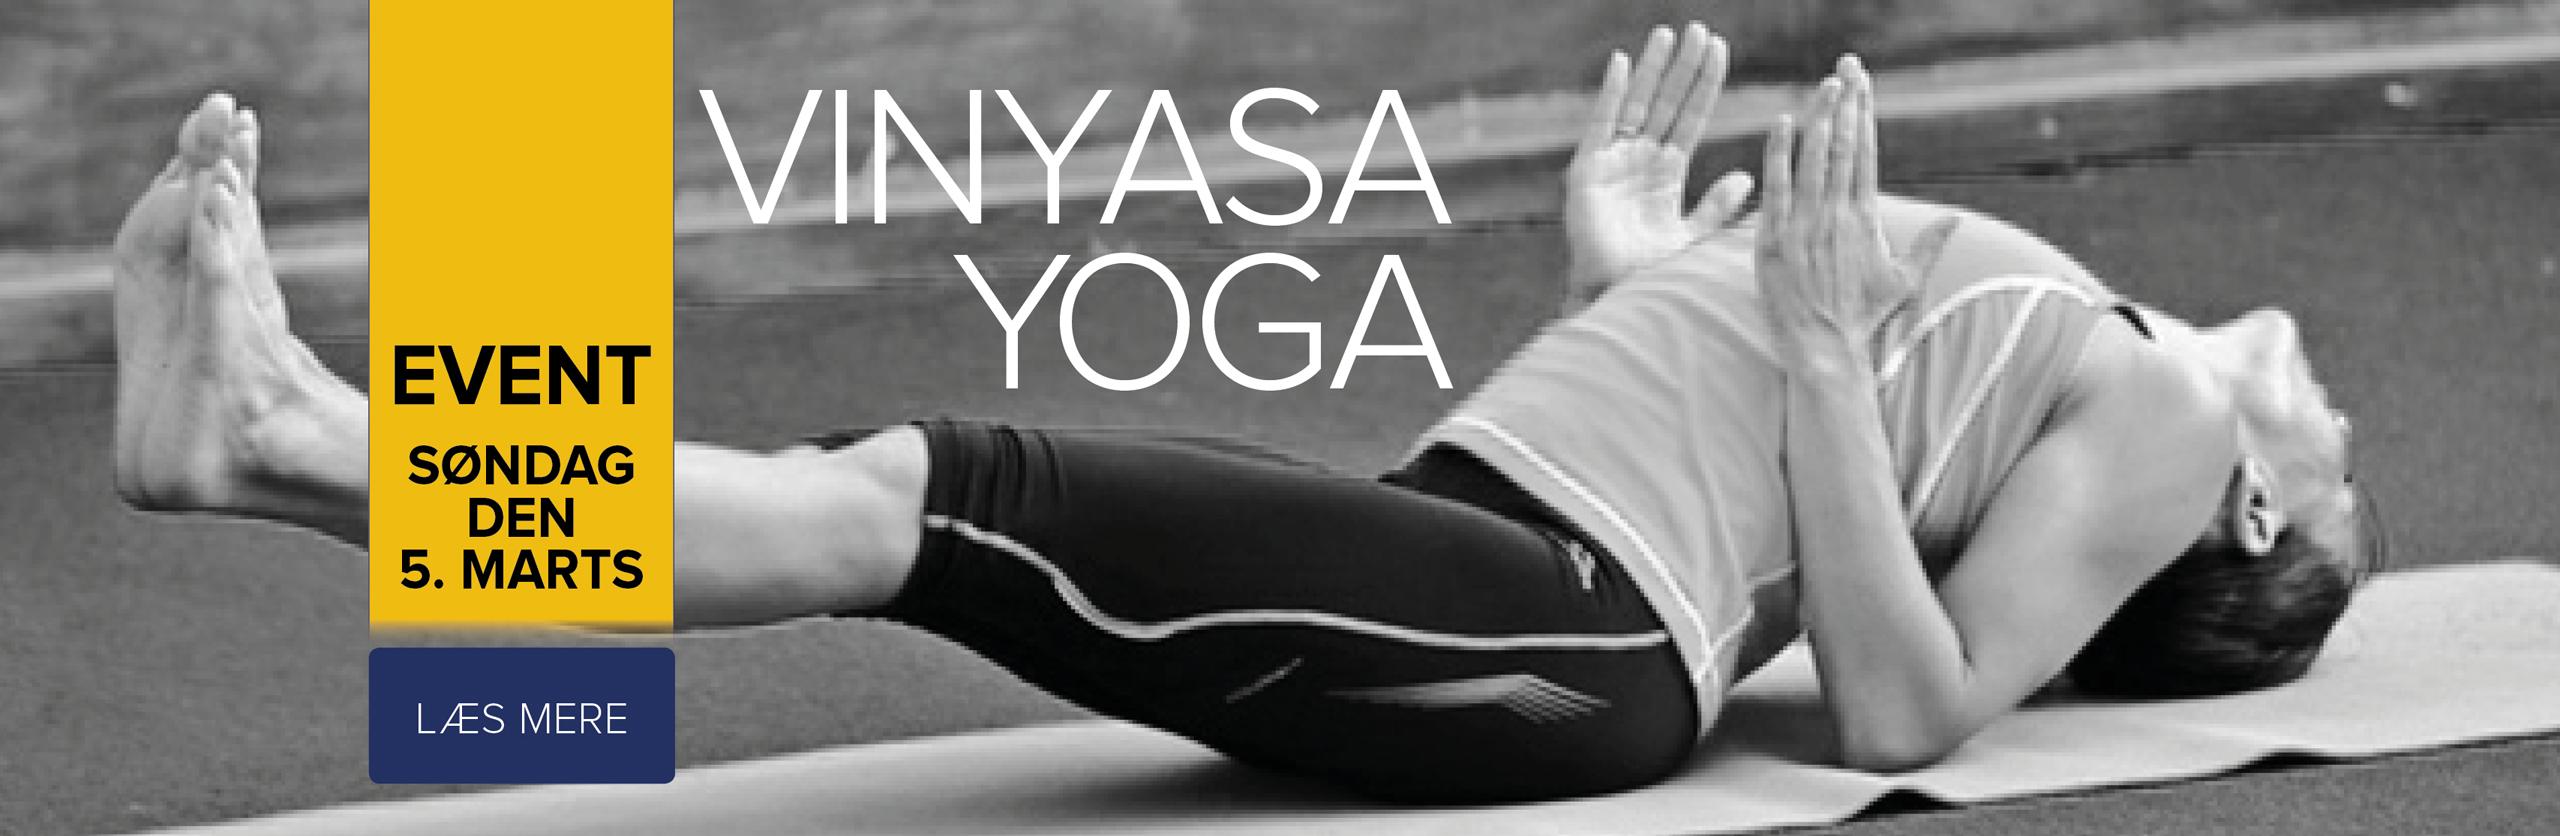 Vinyasa yoga event